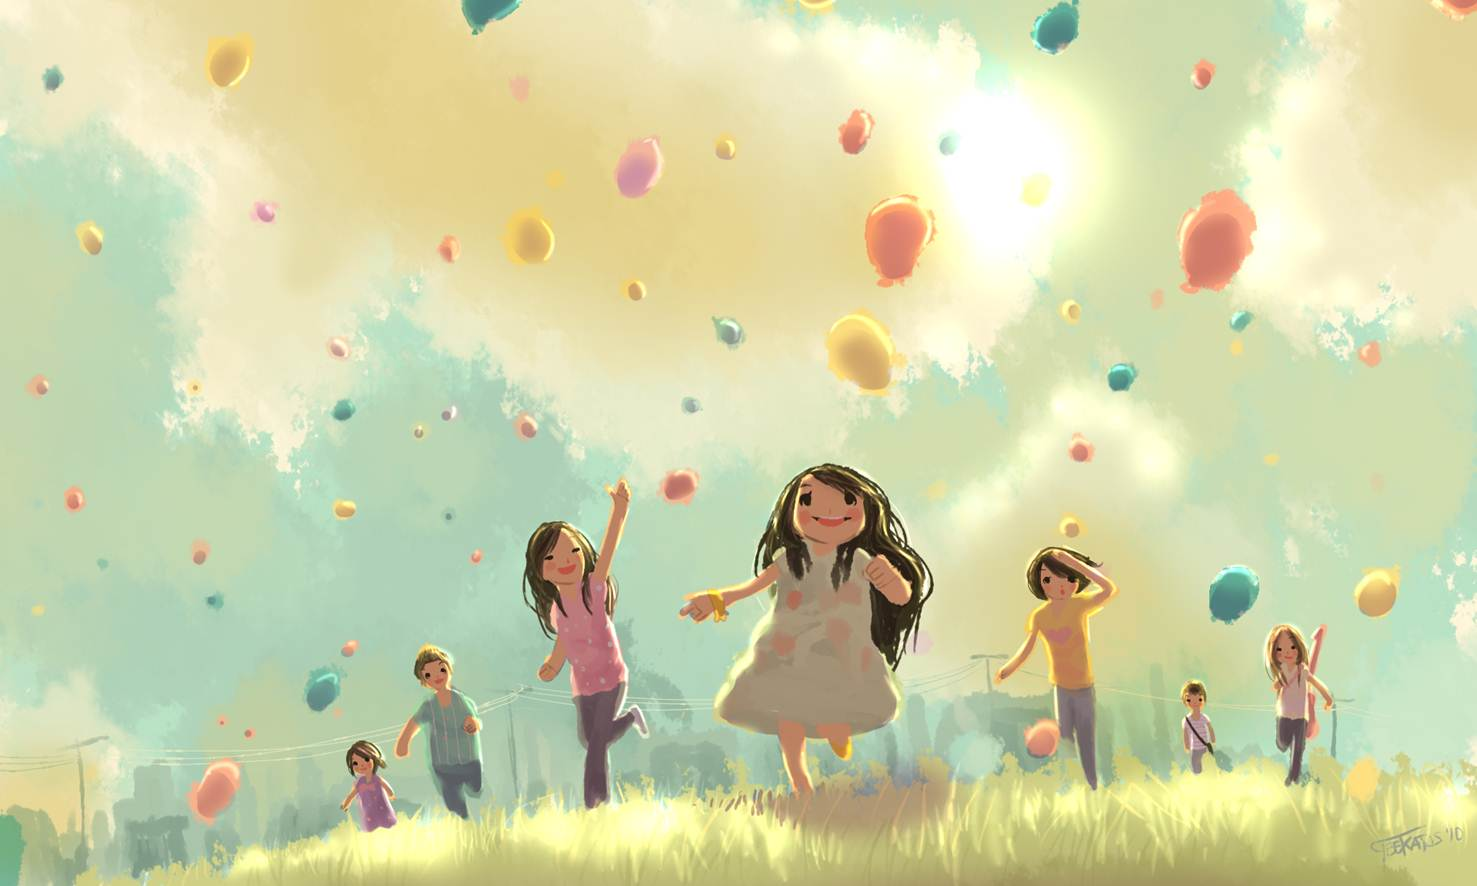 Triển lãm các sản phẩm dành cho trẻ em tại Hà Nội ngày 1-6 - Ảnh 1